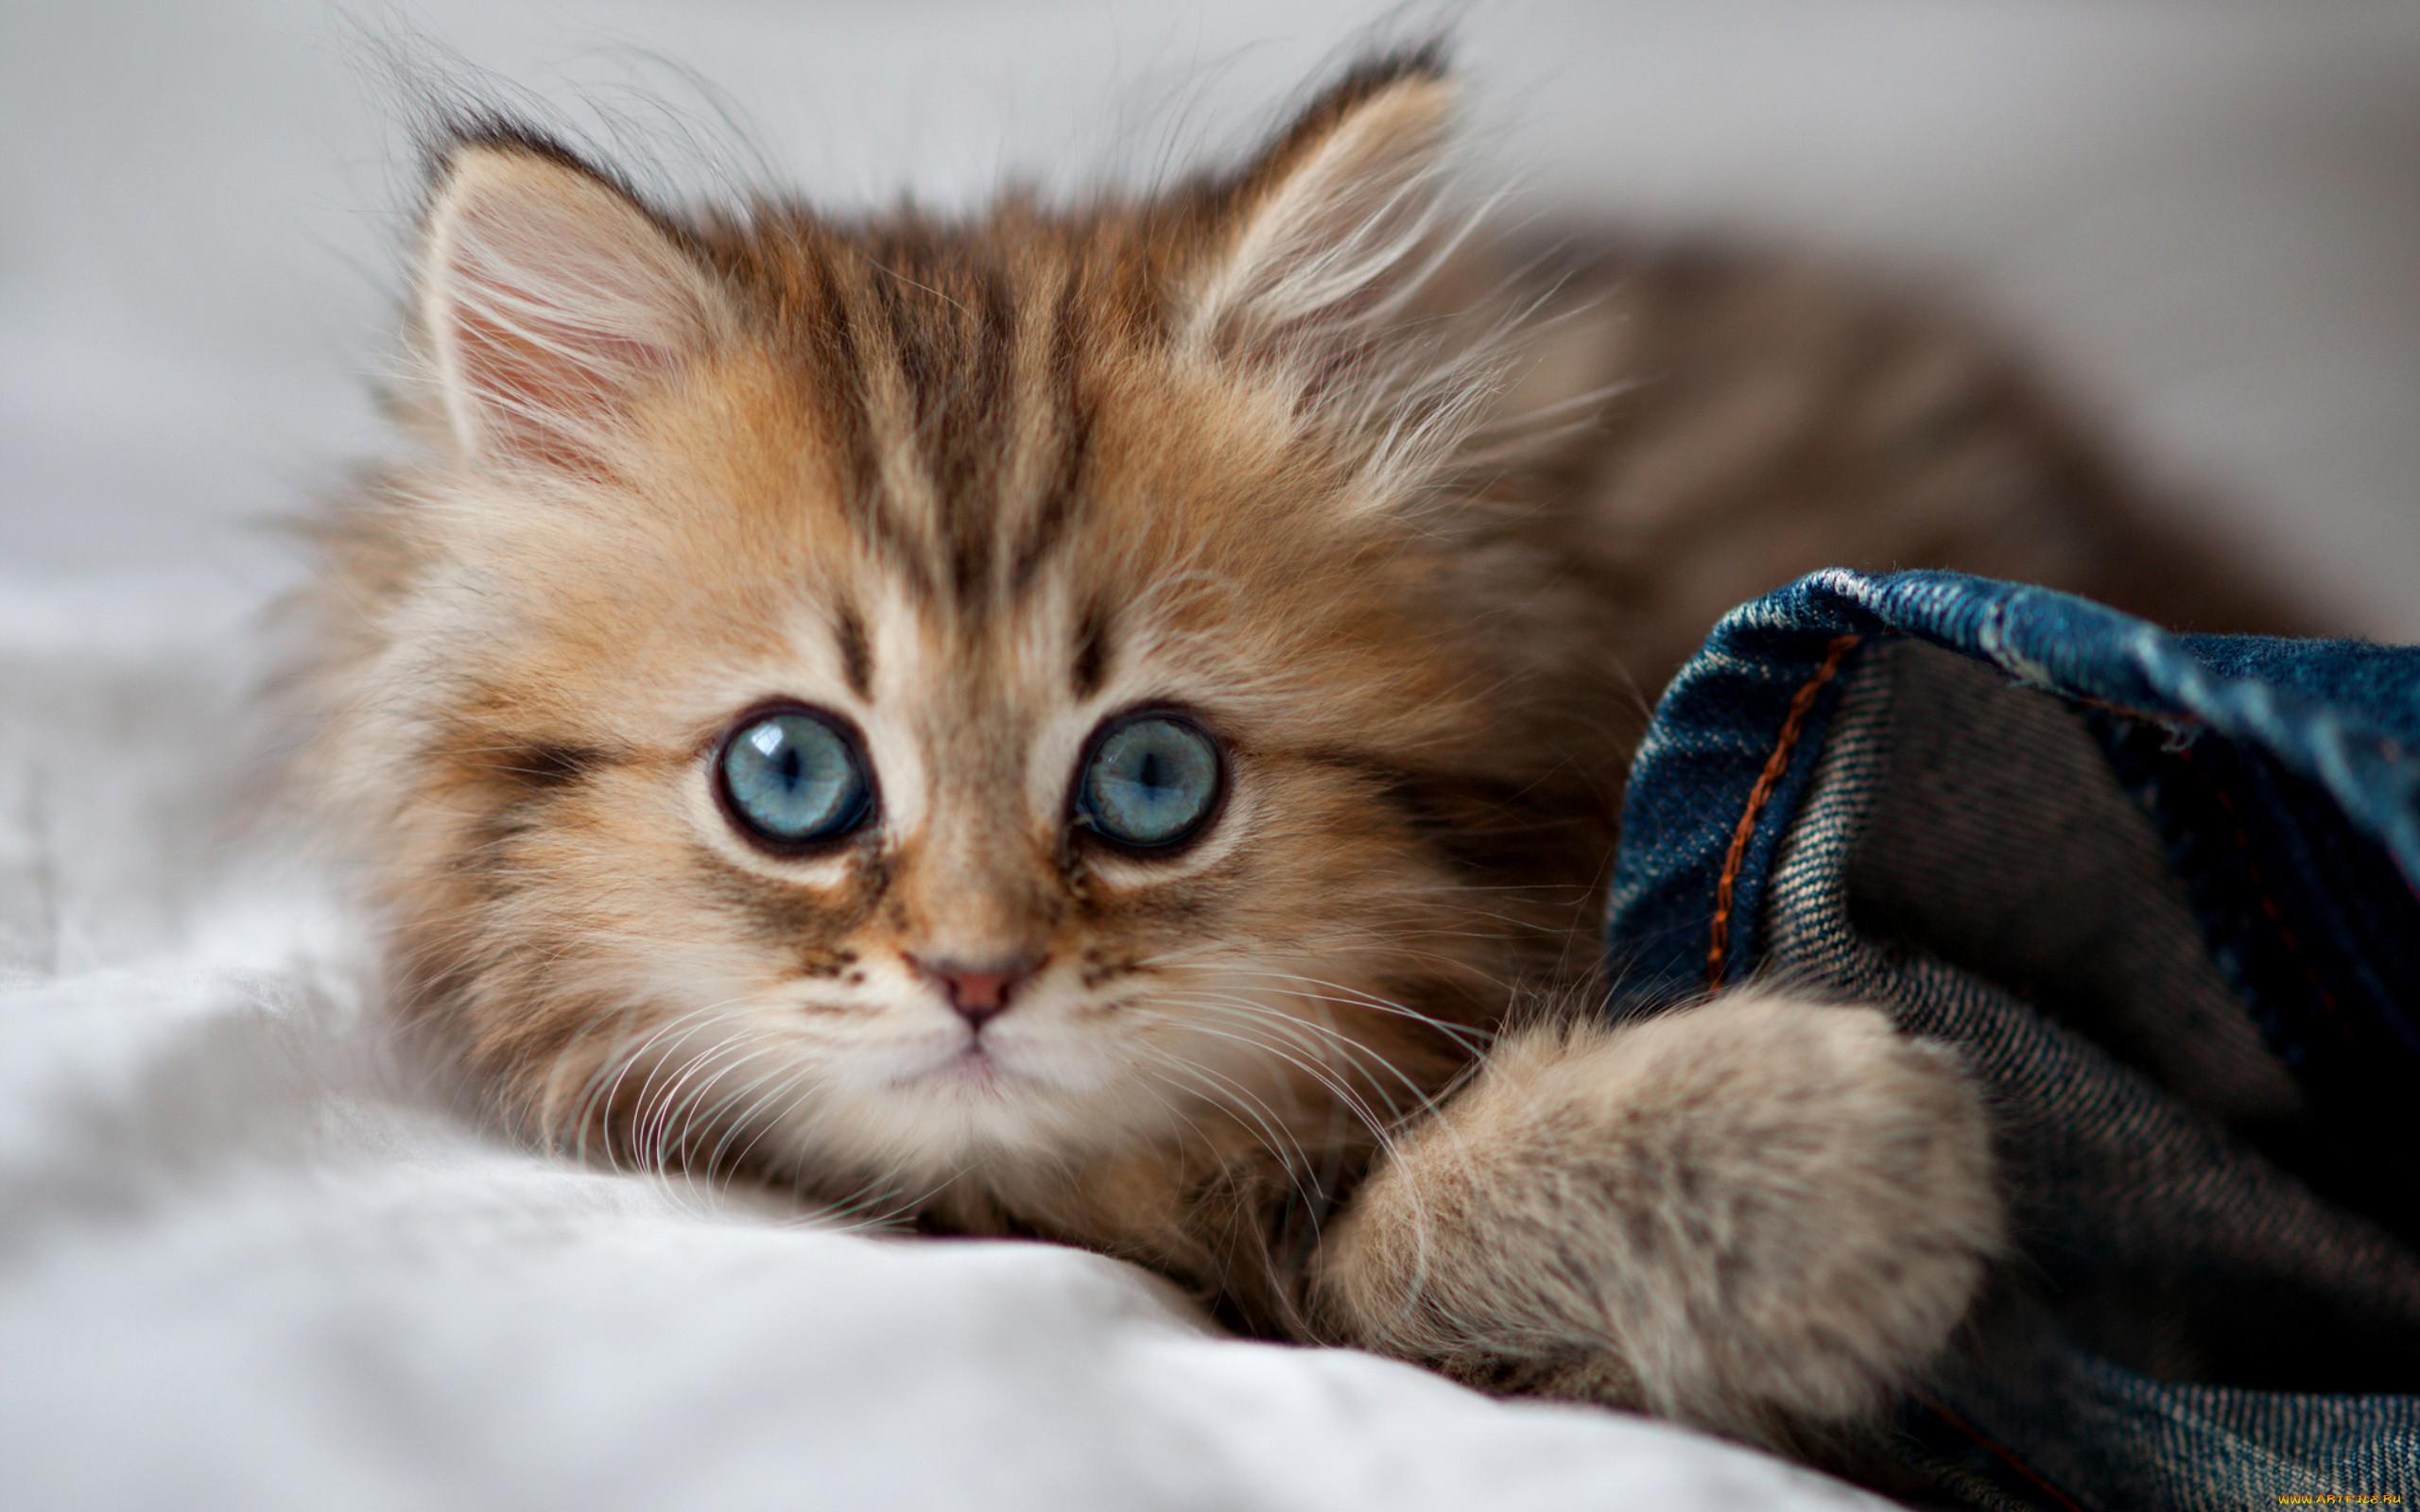 считаю, картинки котов самые красивые принесла краскам только